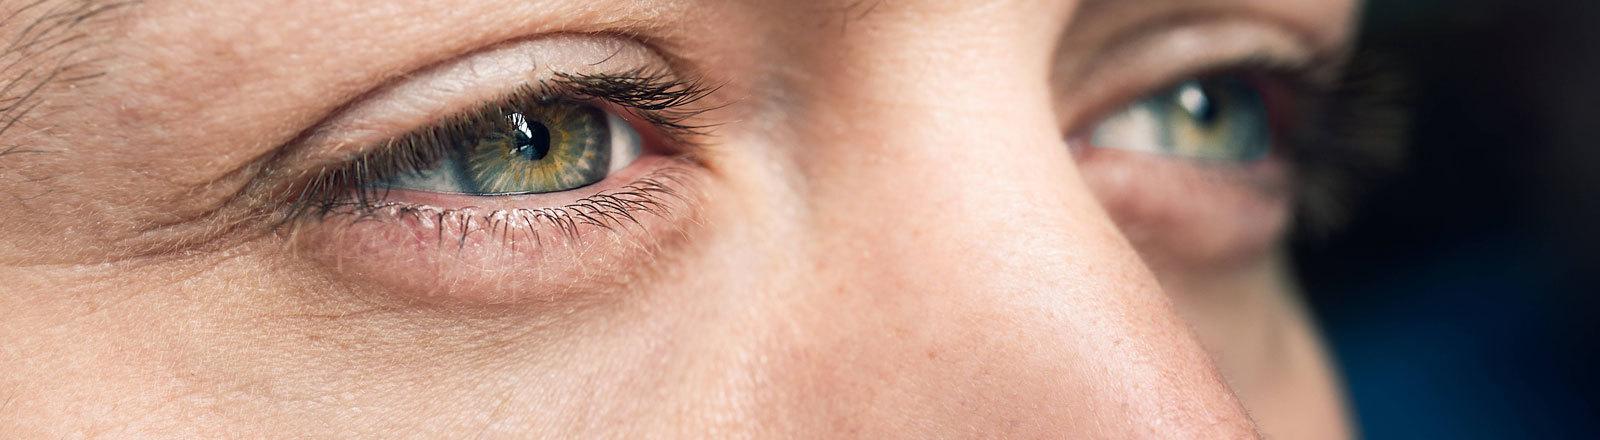 Die Augen eines Mannes.